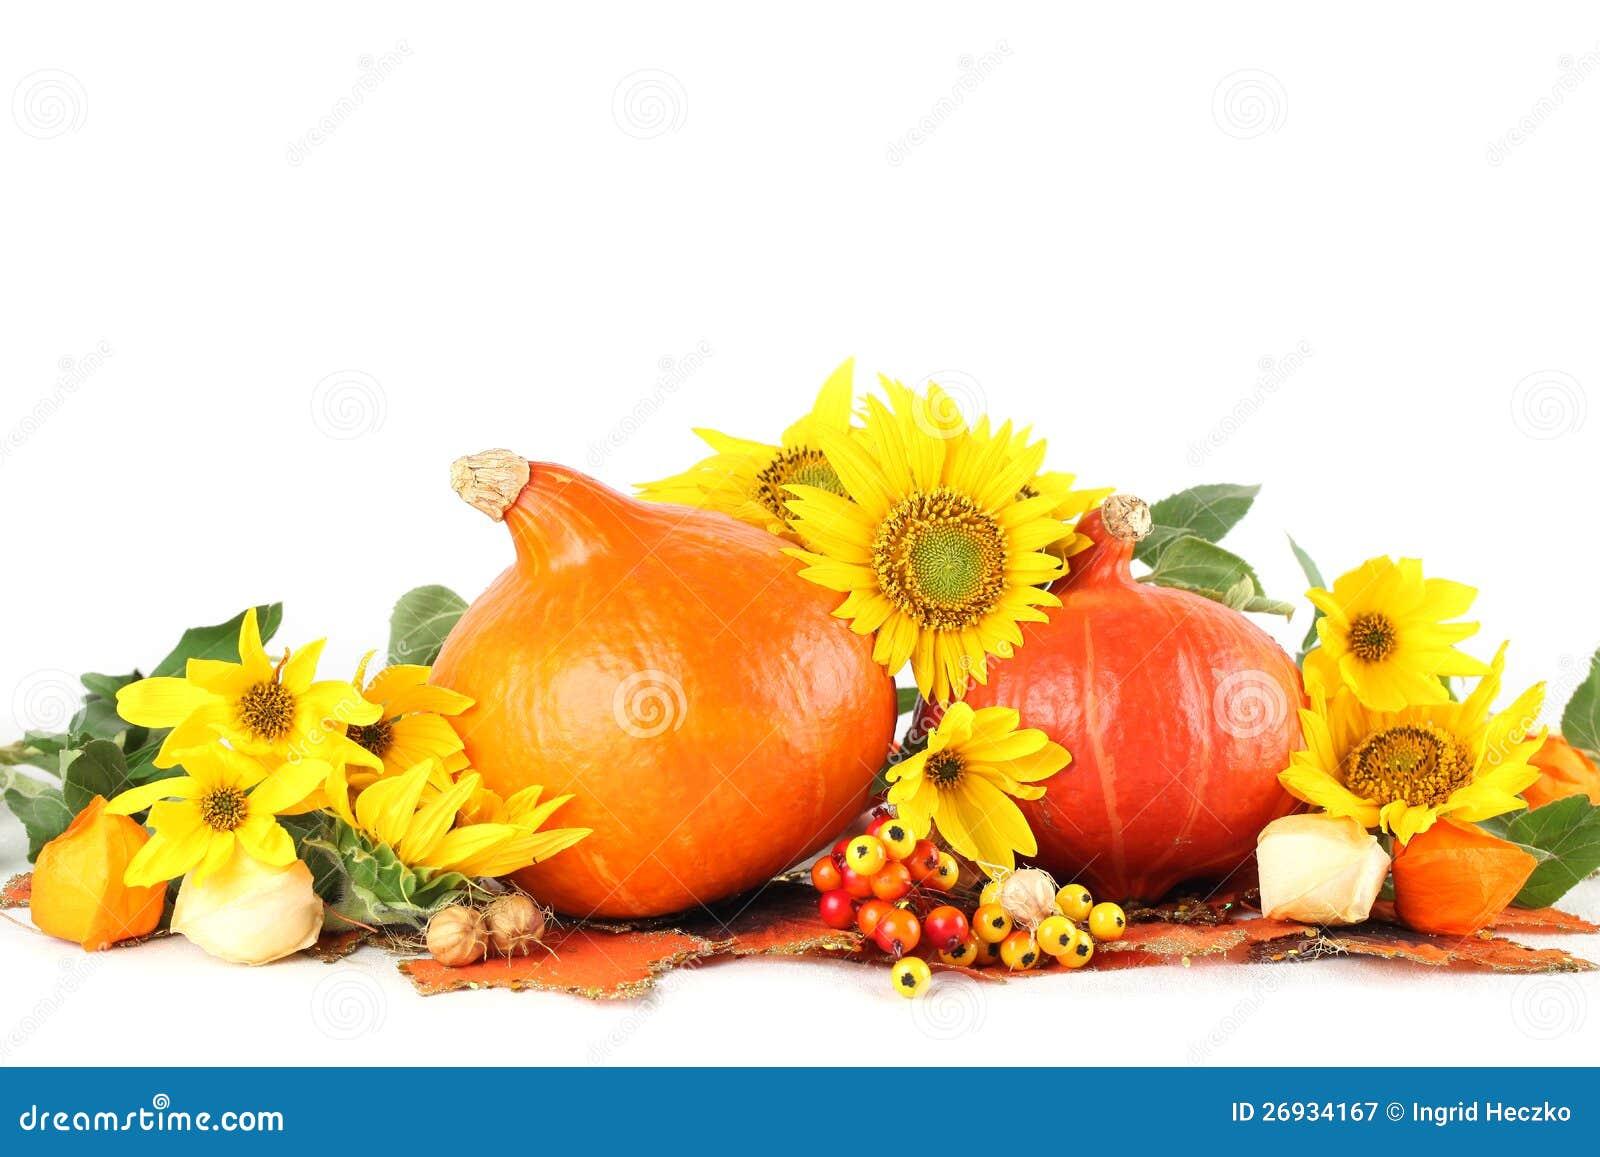 De decoratie van de herfst met zonnebloemen en pompoenen stock afbeelding afbeelding 26934167 - Decoratie van de villas ...